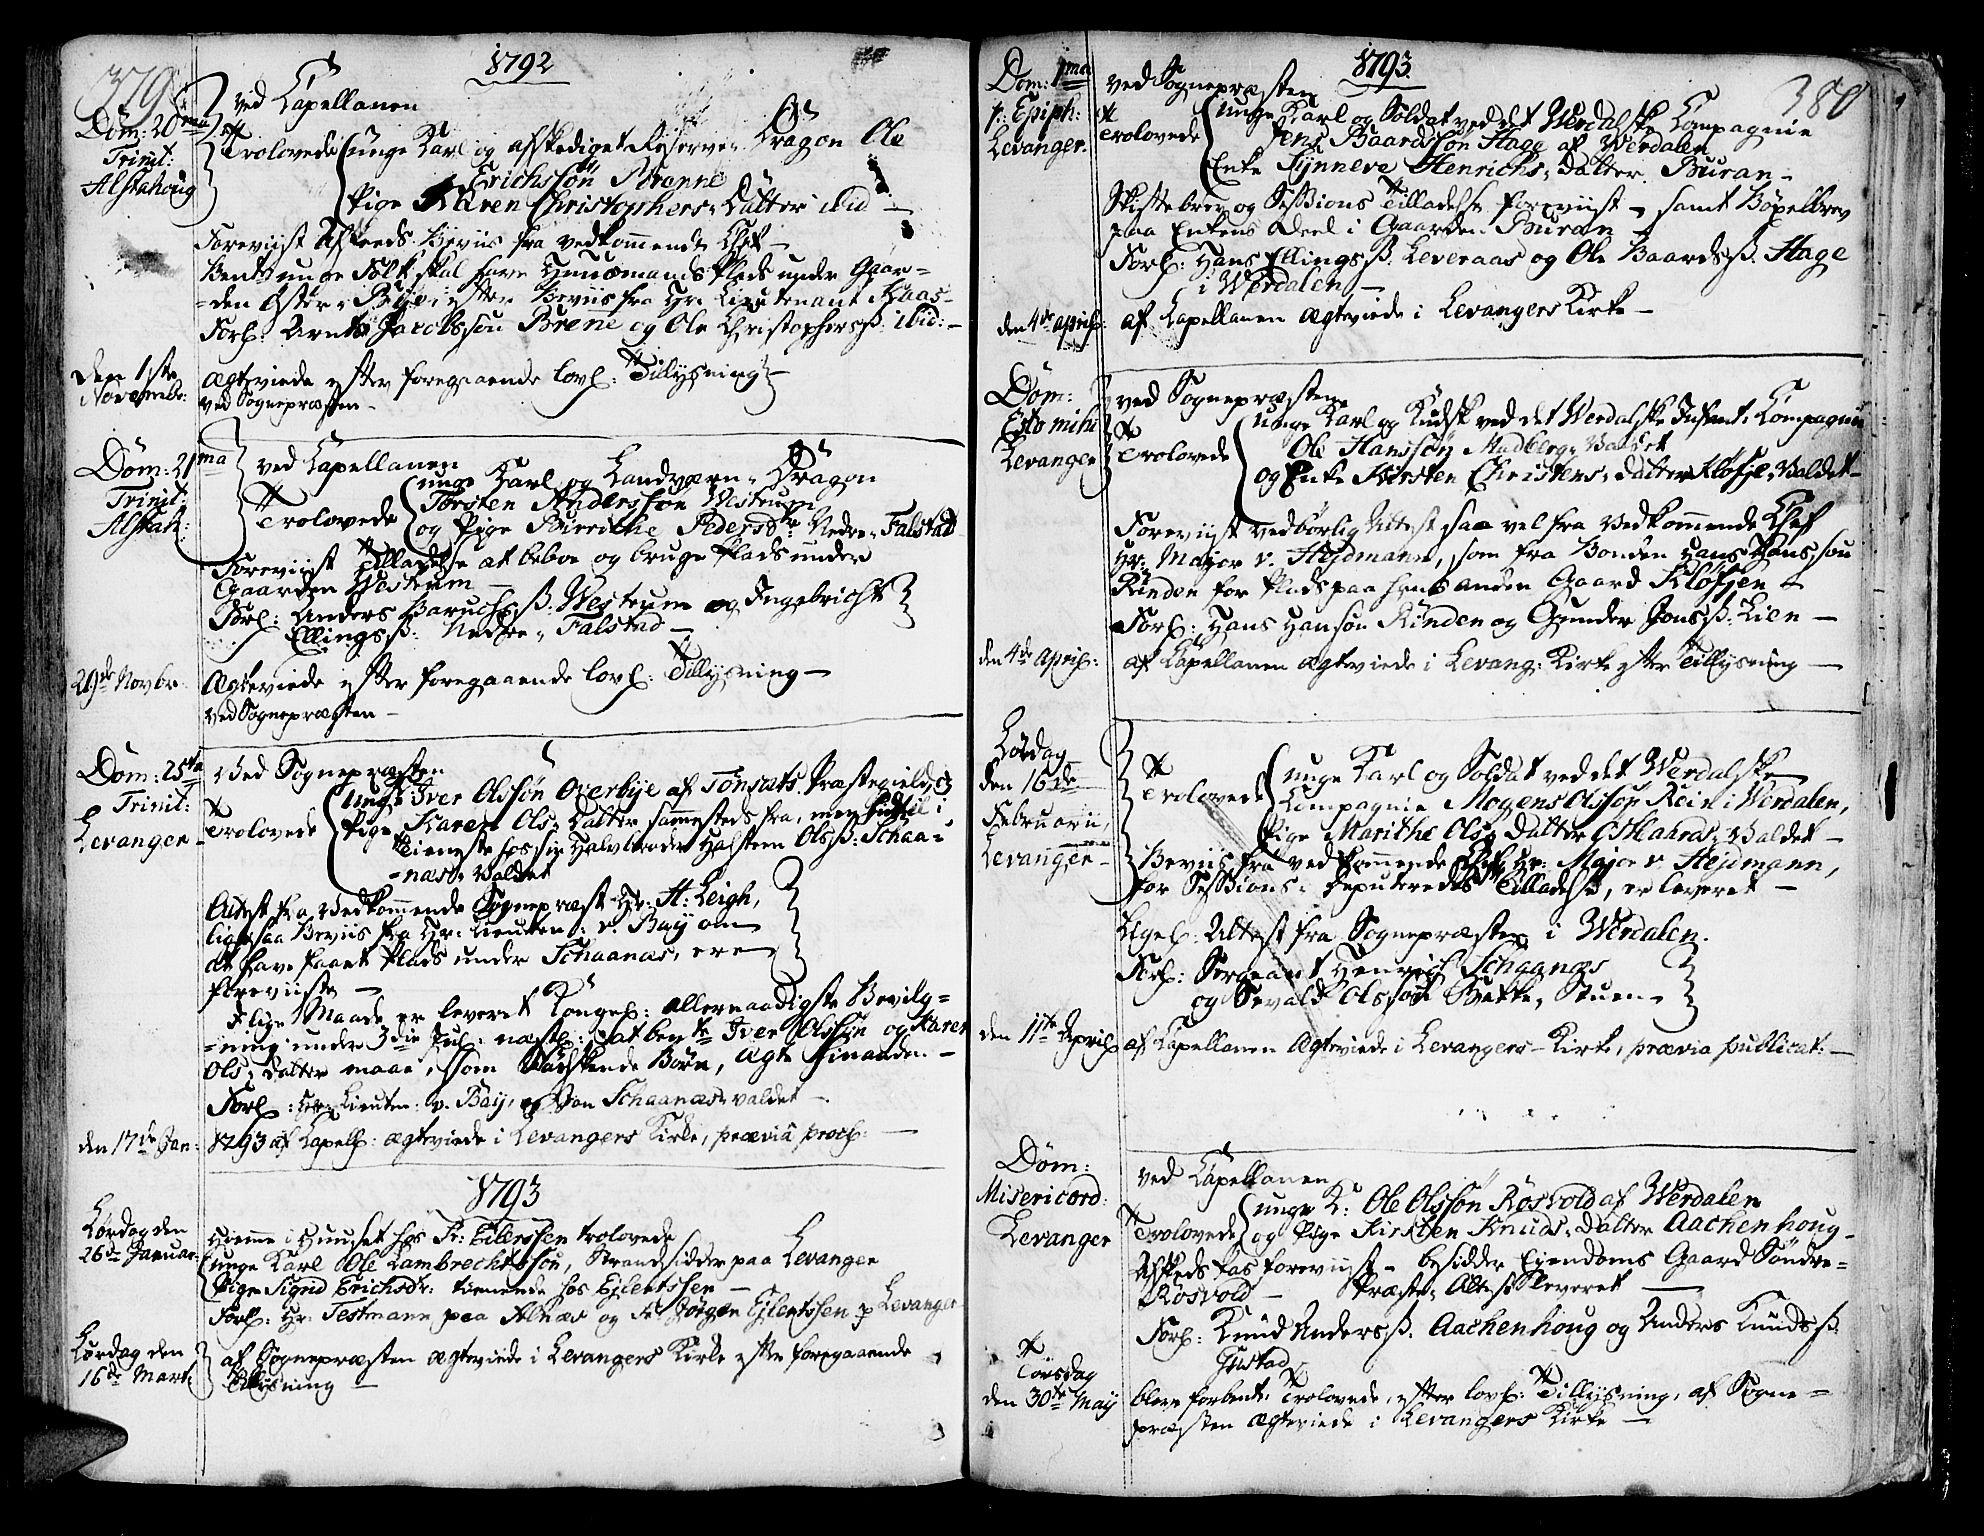 SAT, Ministerialprotokoller, klokkerbøker og fødselsregistre - Nord-Trøndelag, 717/L0141: Ministerialbok nr. 717A01, 1747-1803, s. 379-380